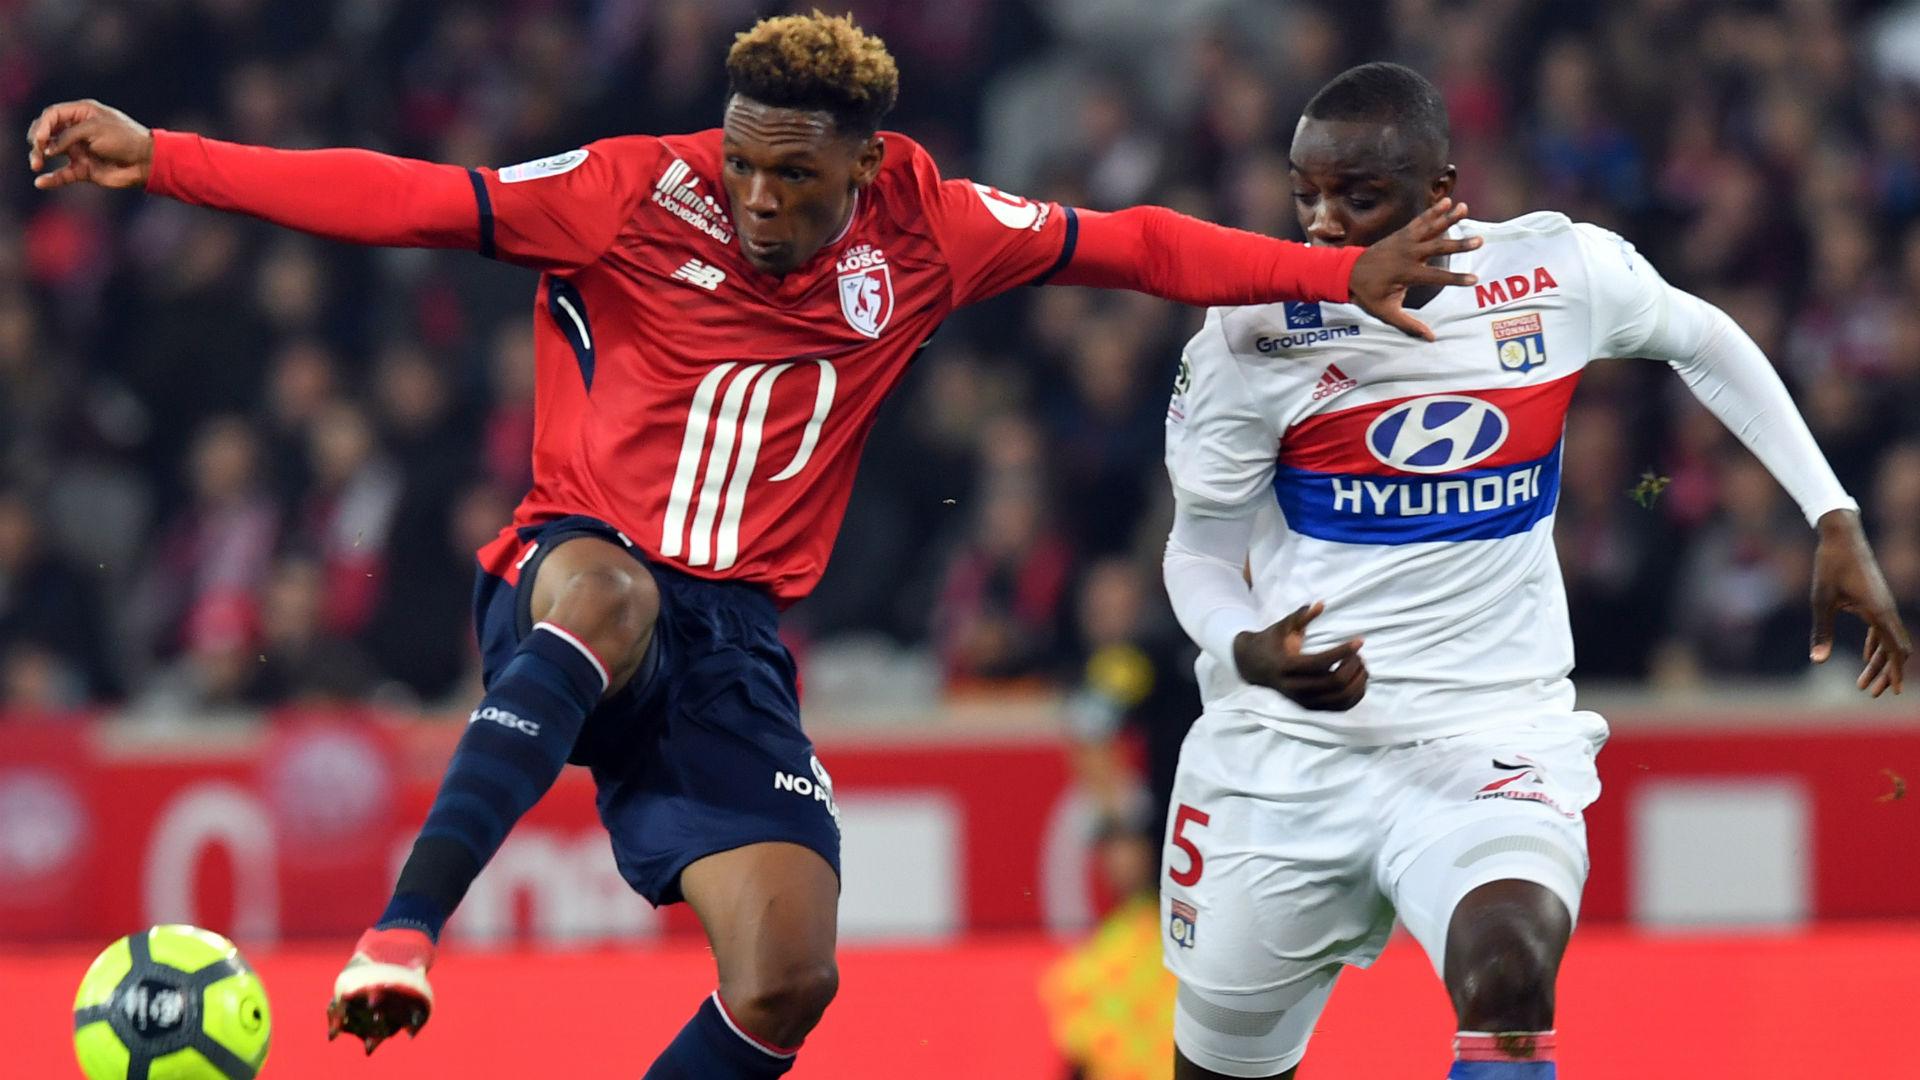 Mercato - OL : Thiago Mendes est arrivé à Lyon